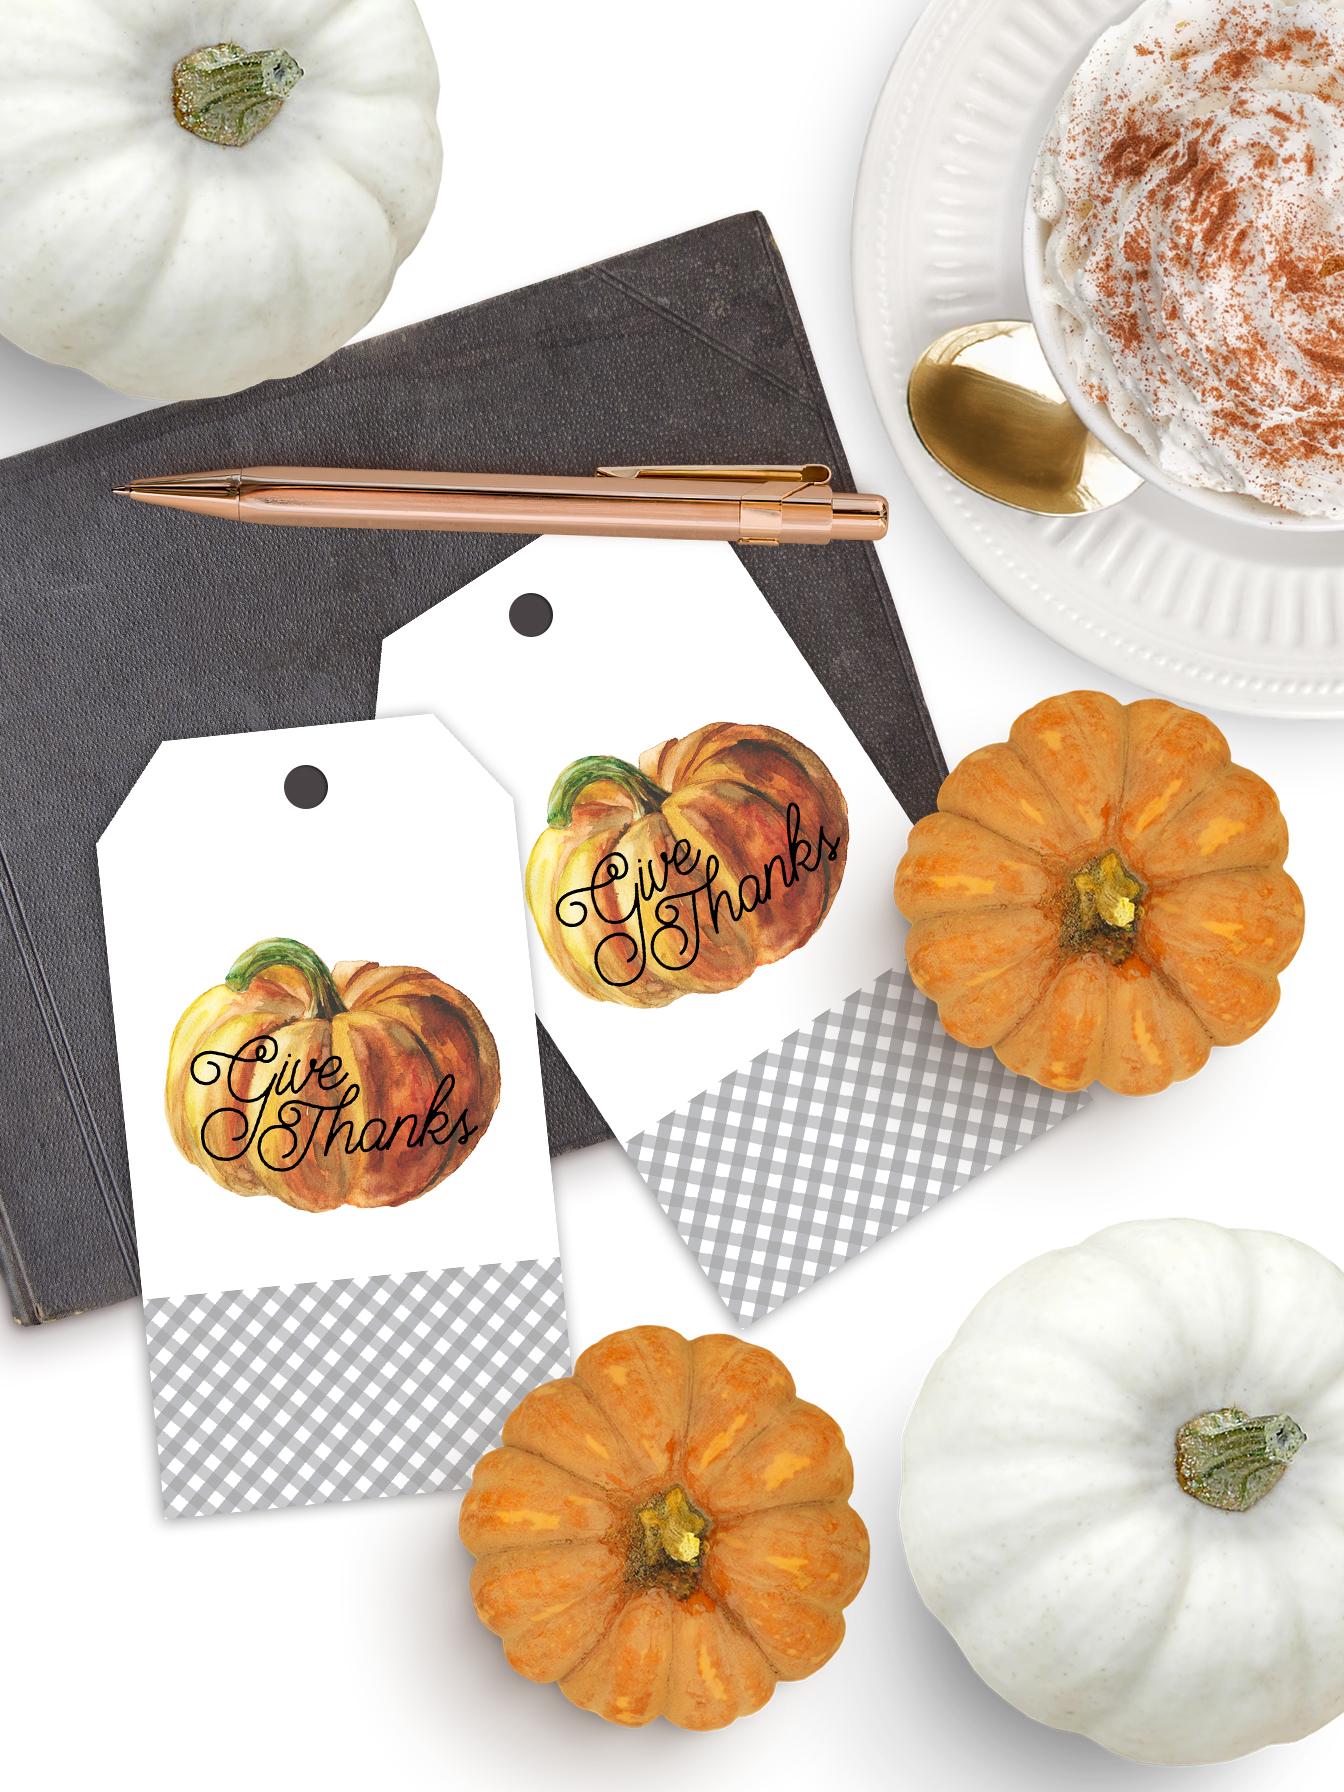 image regarding Free Printable Thanksgiving Tags titled Absolutely free Thanksgiving Printable Reward Tags - Pumpkin - Pineapple